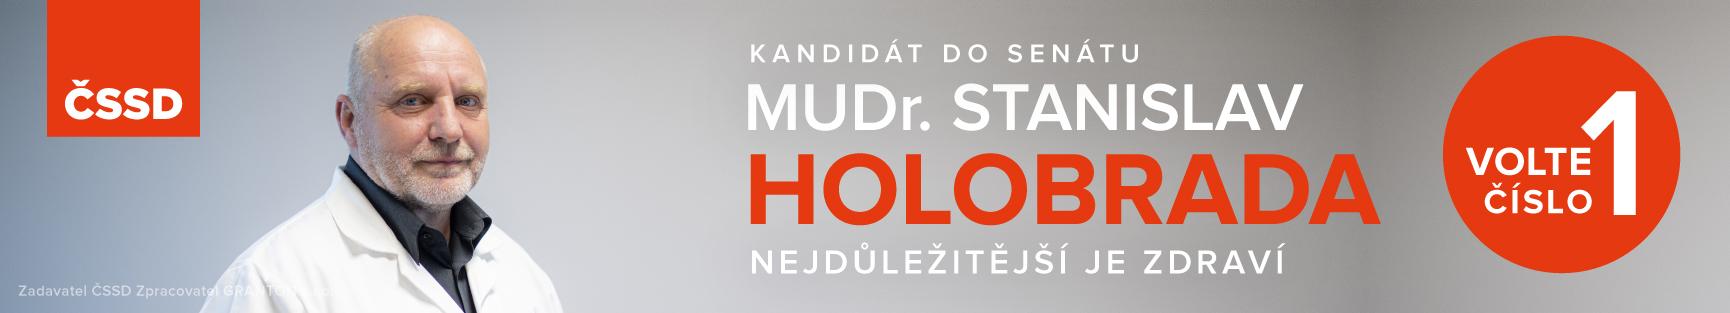 Reklama Senát - S. Holobrada